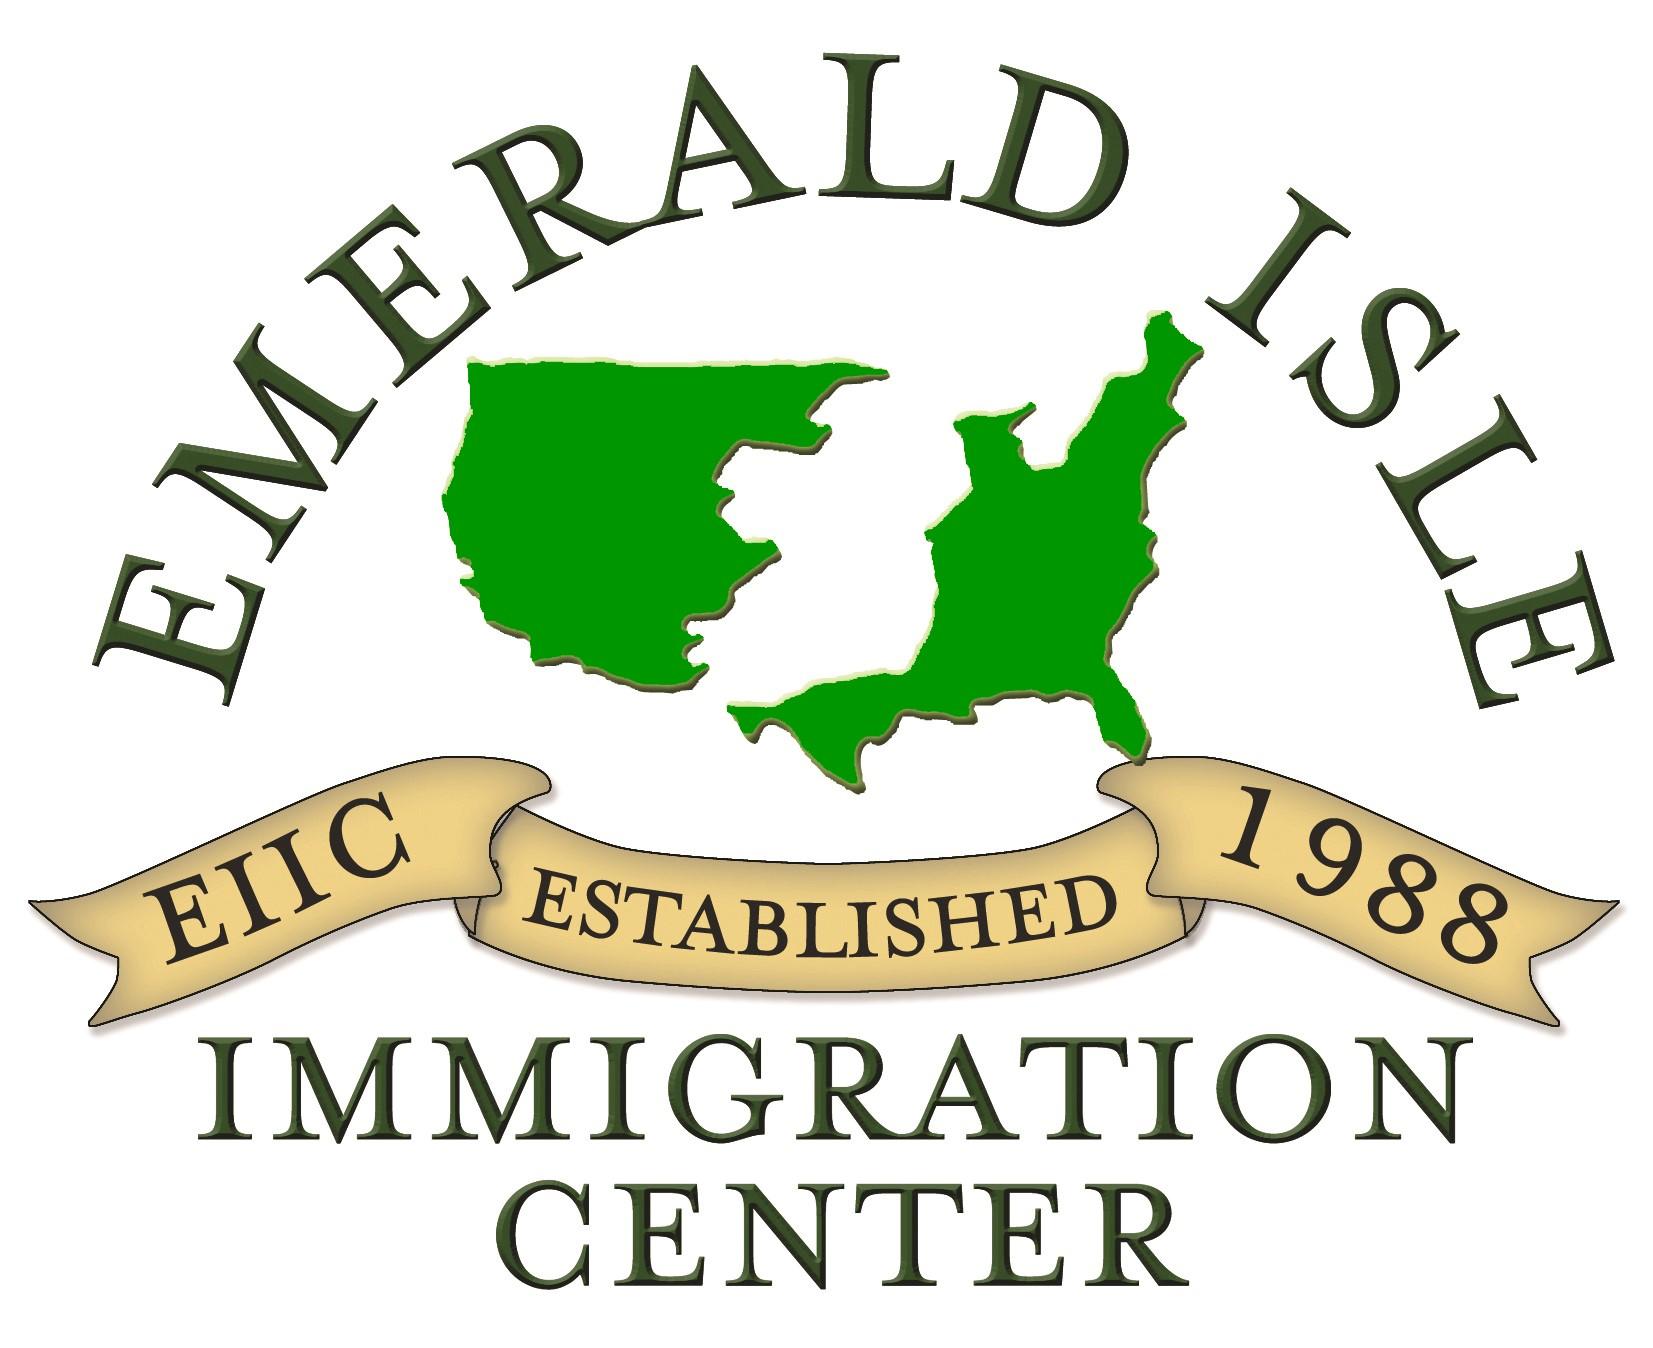 Centro de inmigración Emerald Isle